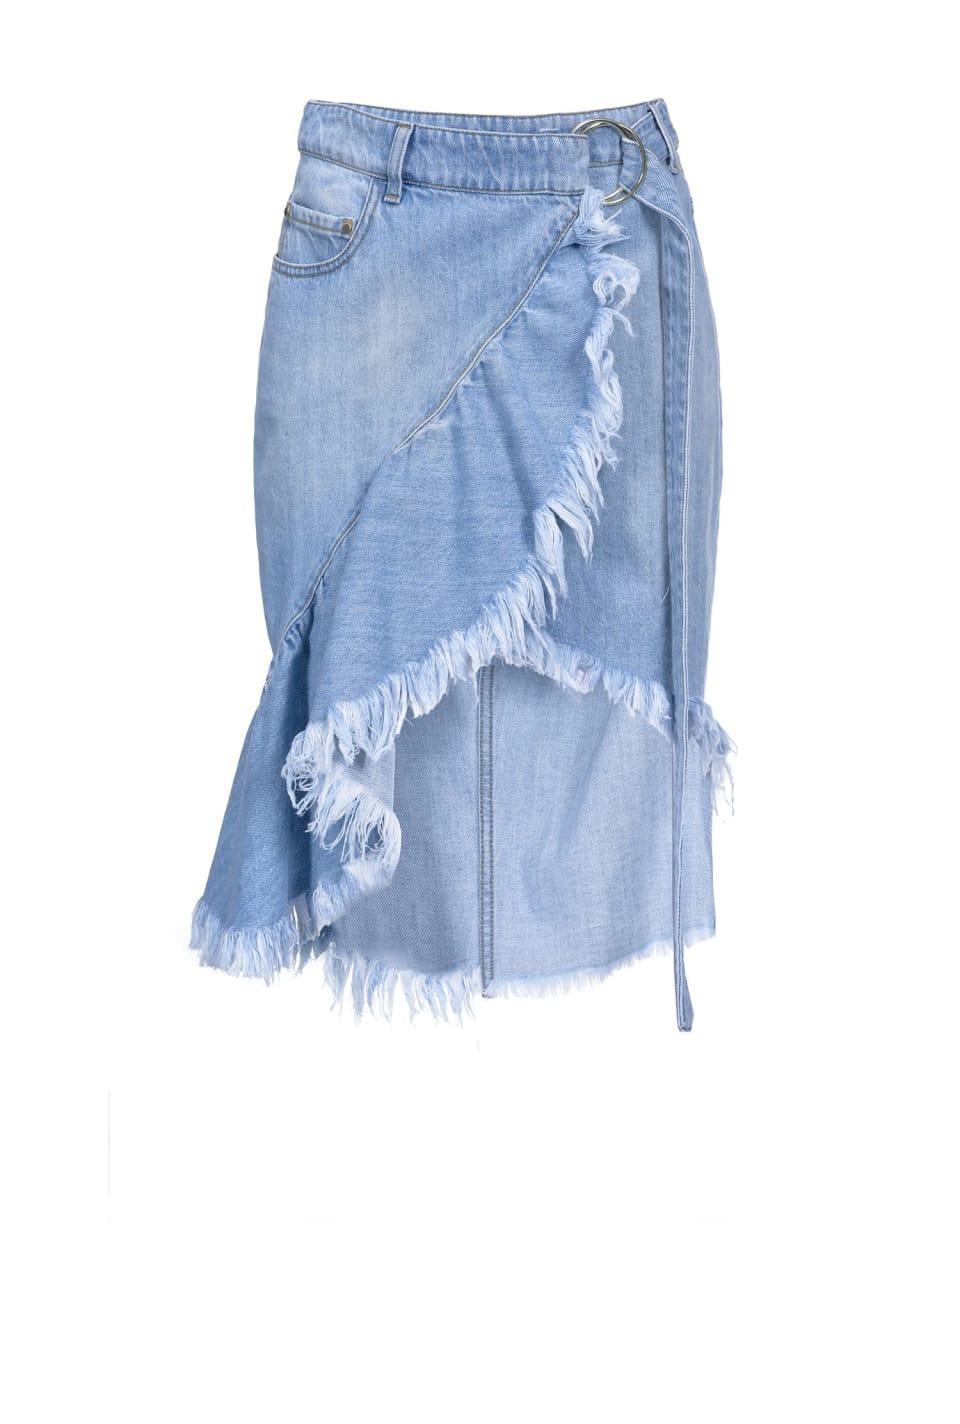 Midi-length jeans skirt